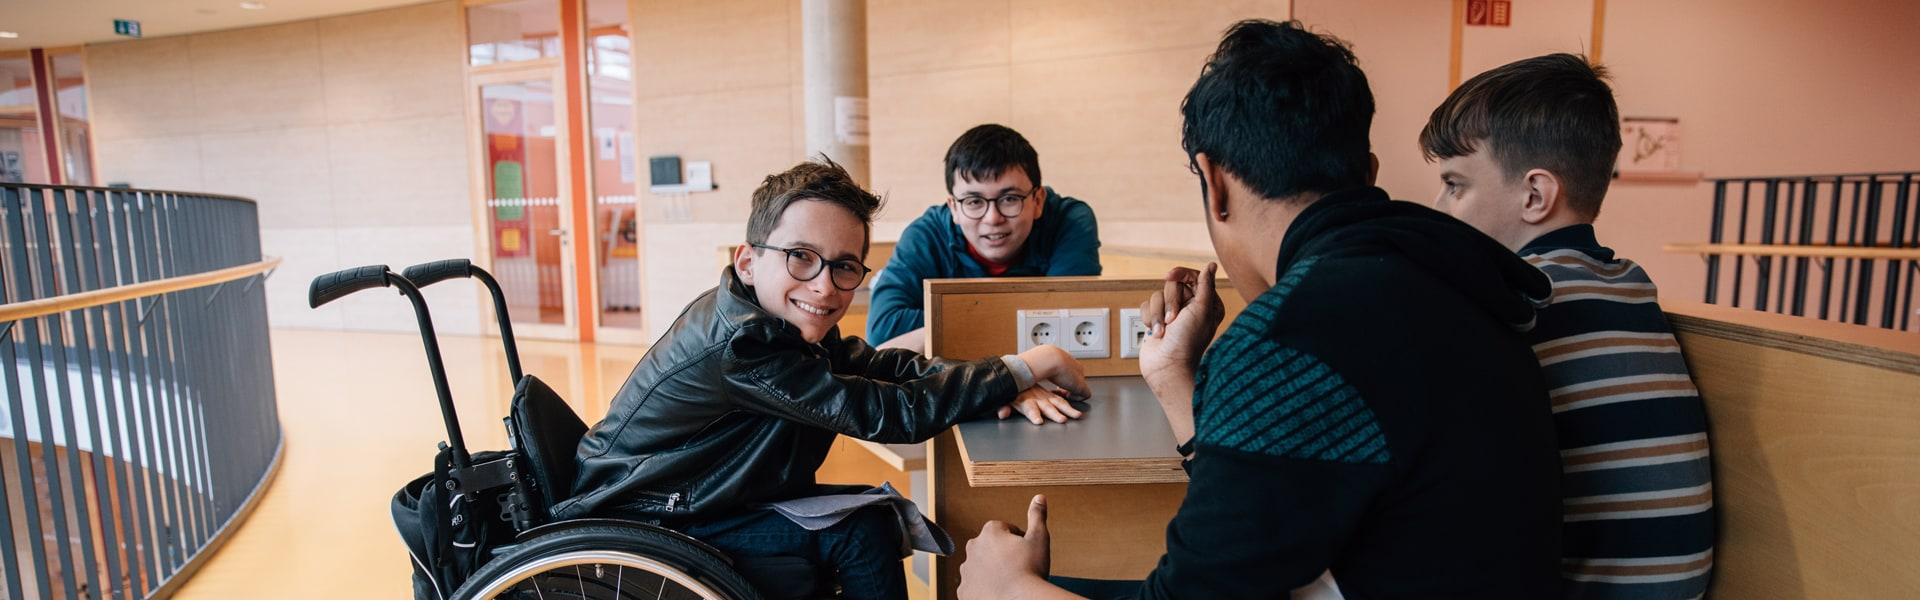 Vier Schüler sitzen in einer Sitzecke